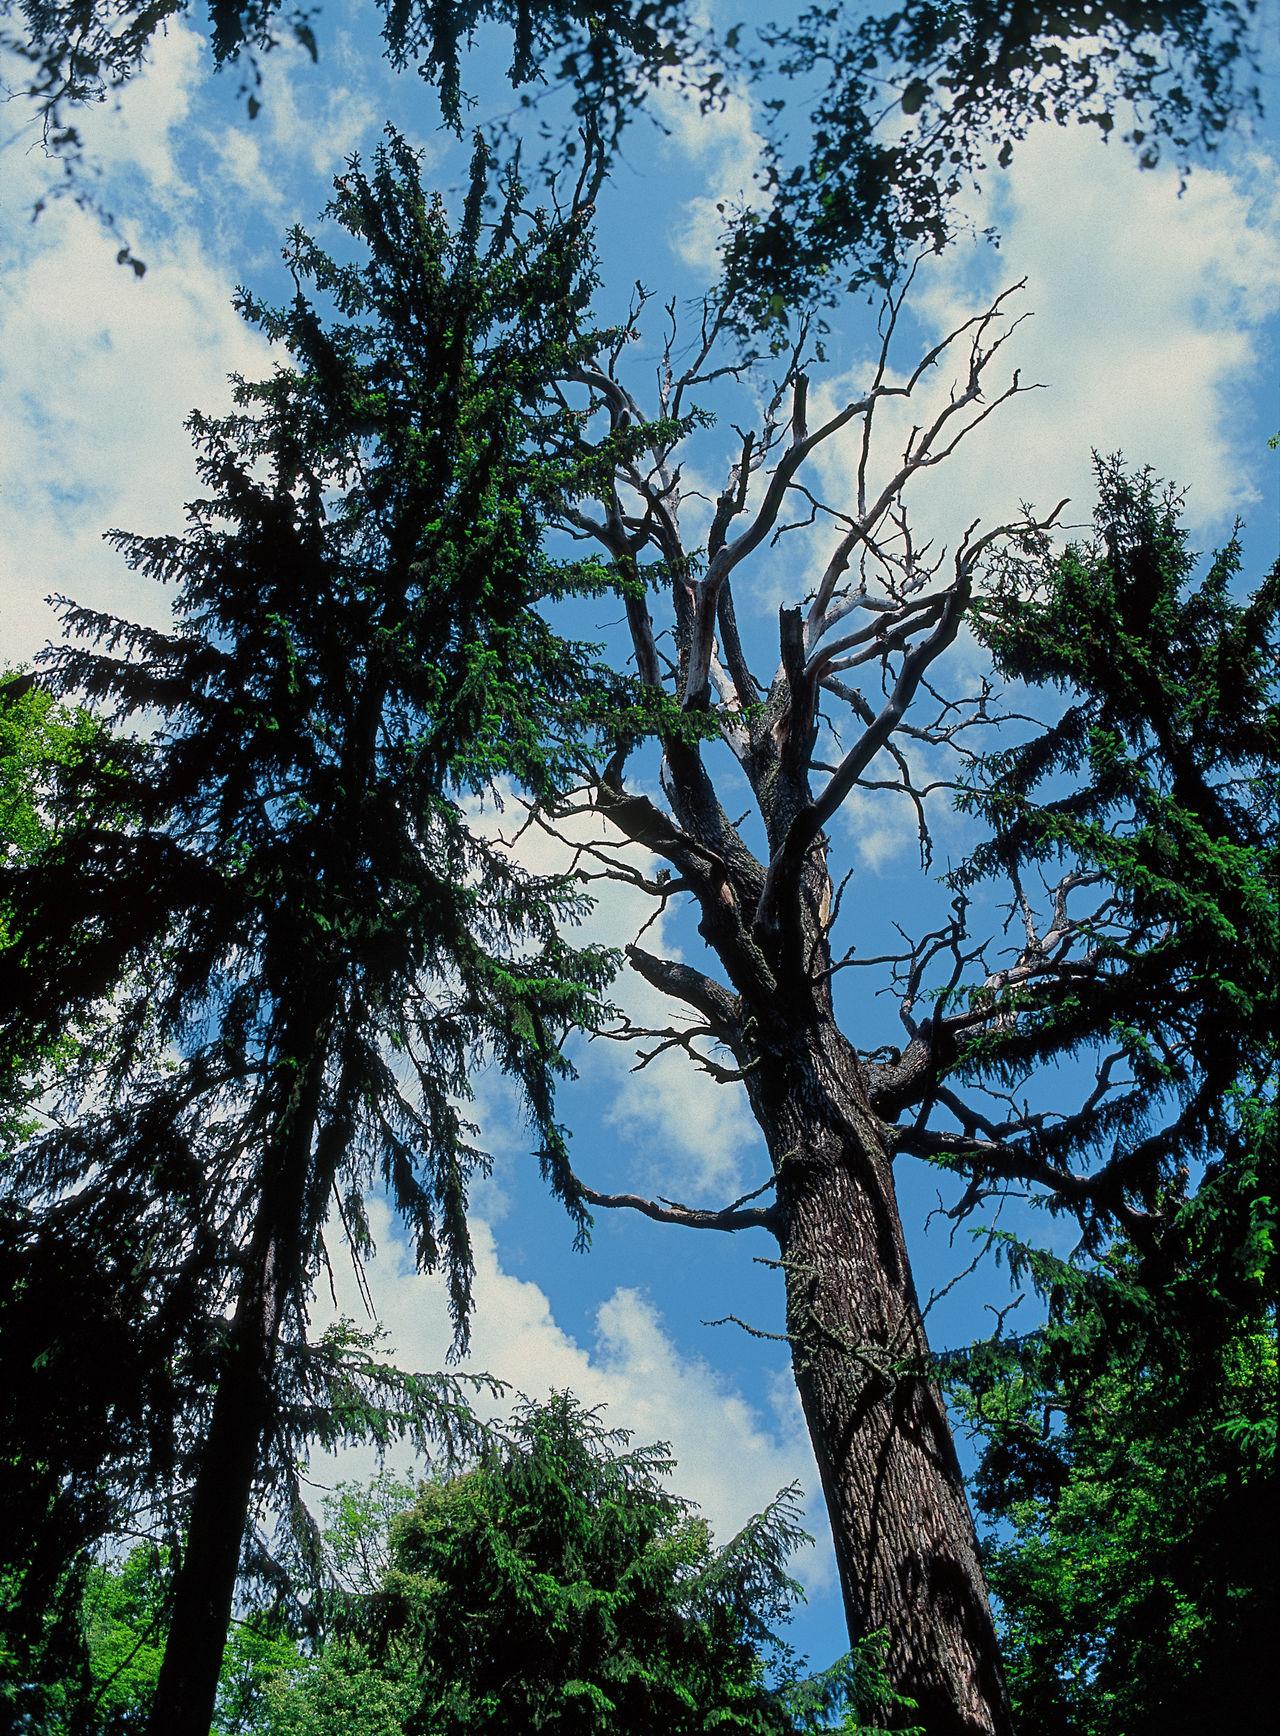 Bialowieza Bialowieza Forest Białowieska Białowieża Białowieża Forest Dead Tree Forest Nature Old Tree Outdoors Poland Puszcza Bialowieska Tree Two Trees Unesco Unesco World Heritage UNESCO World Heritage Site Wilderness